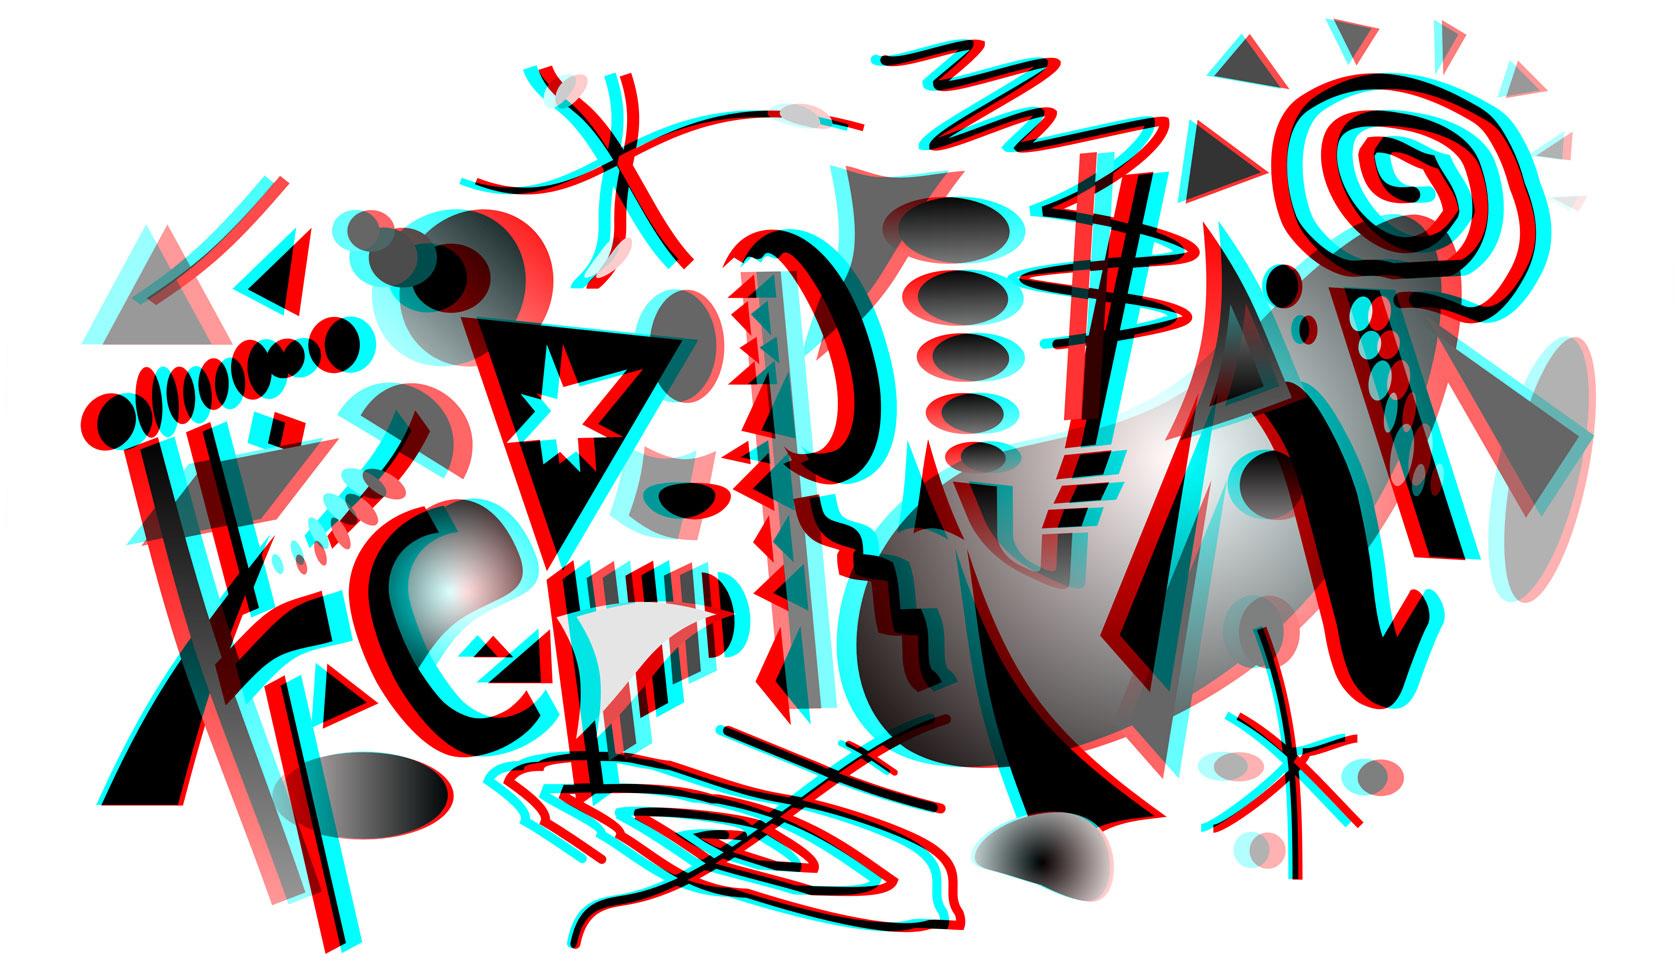 Eine Stereografik als Anaglyphenbild